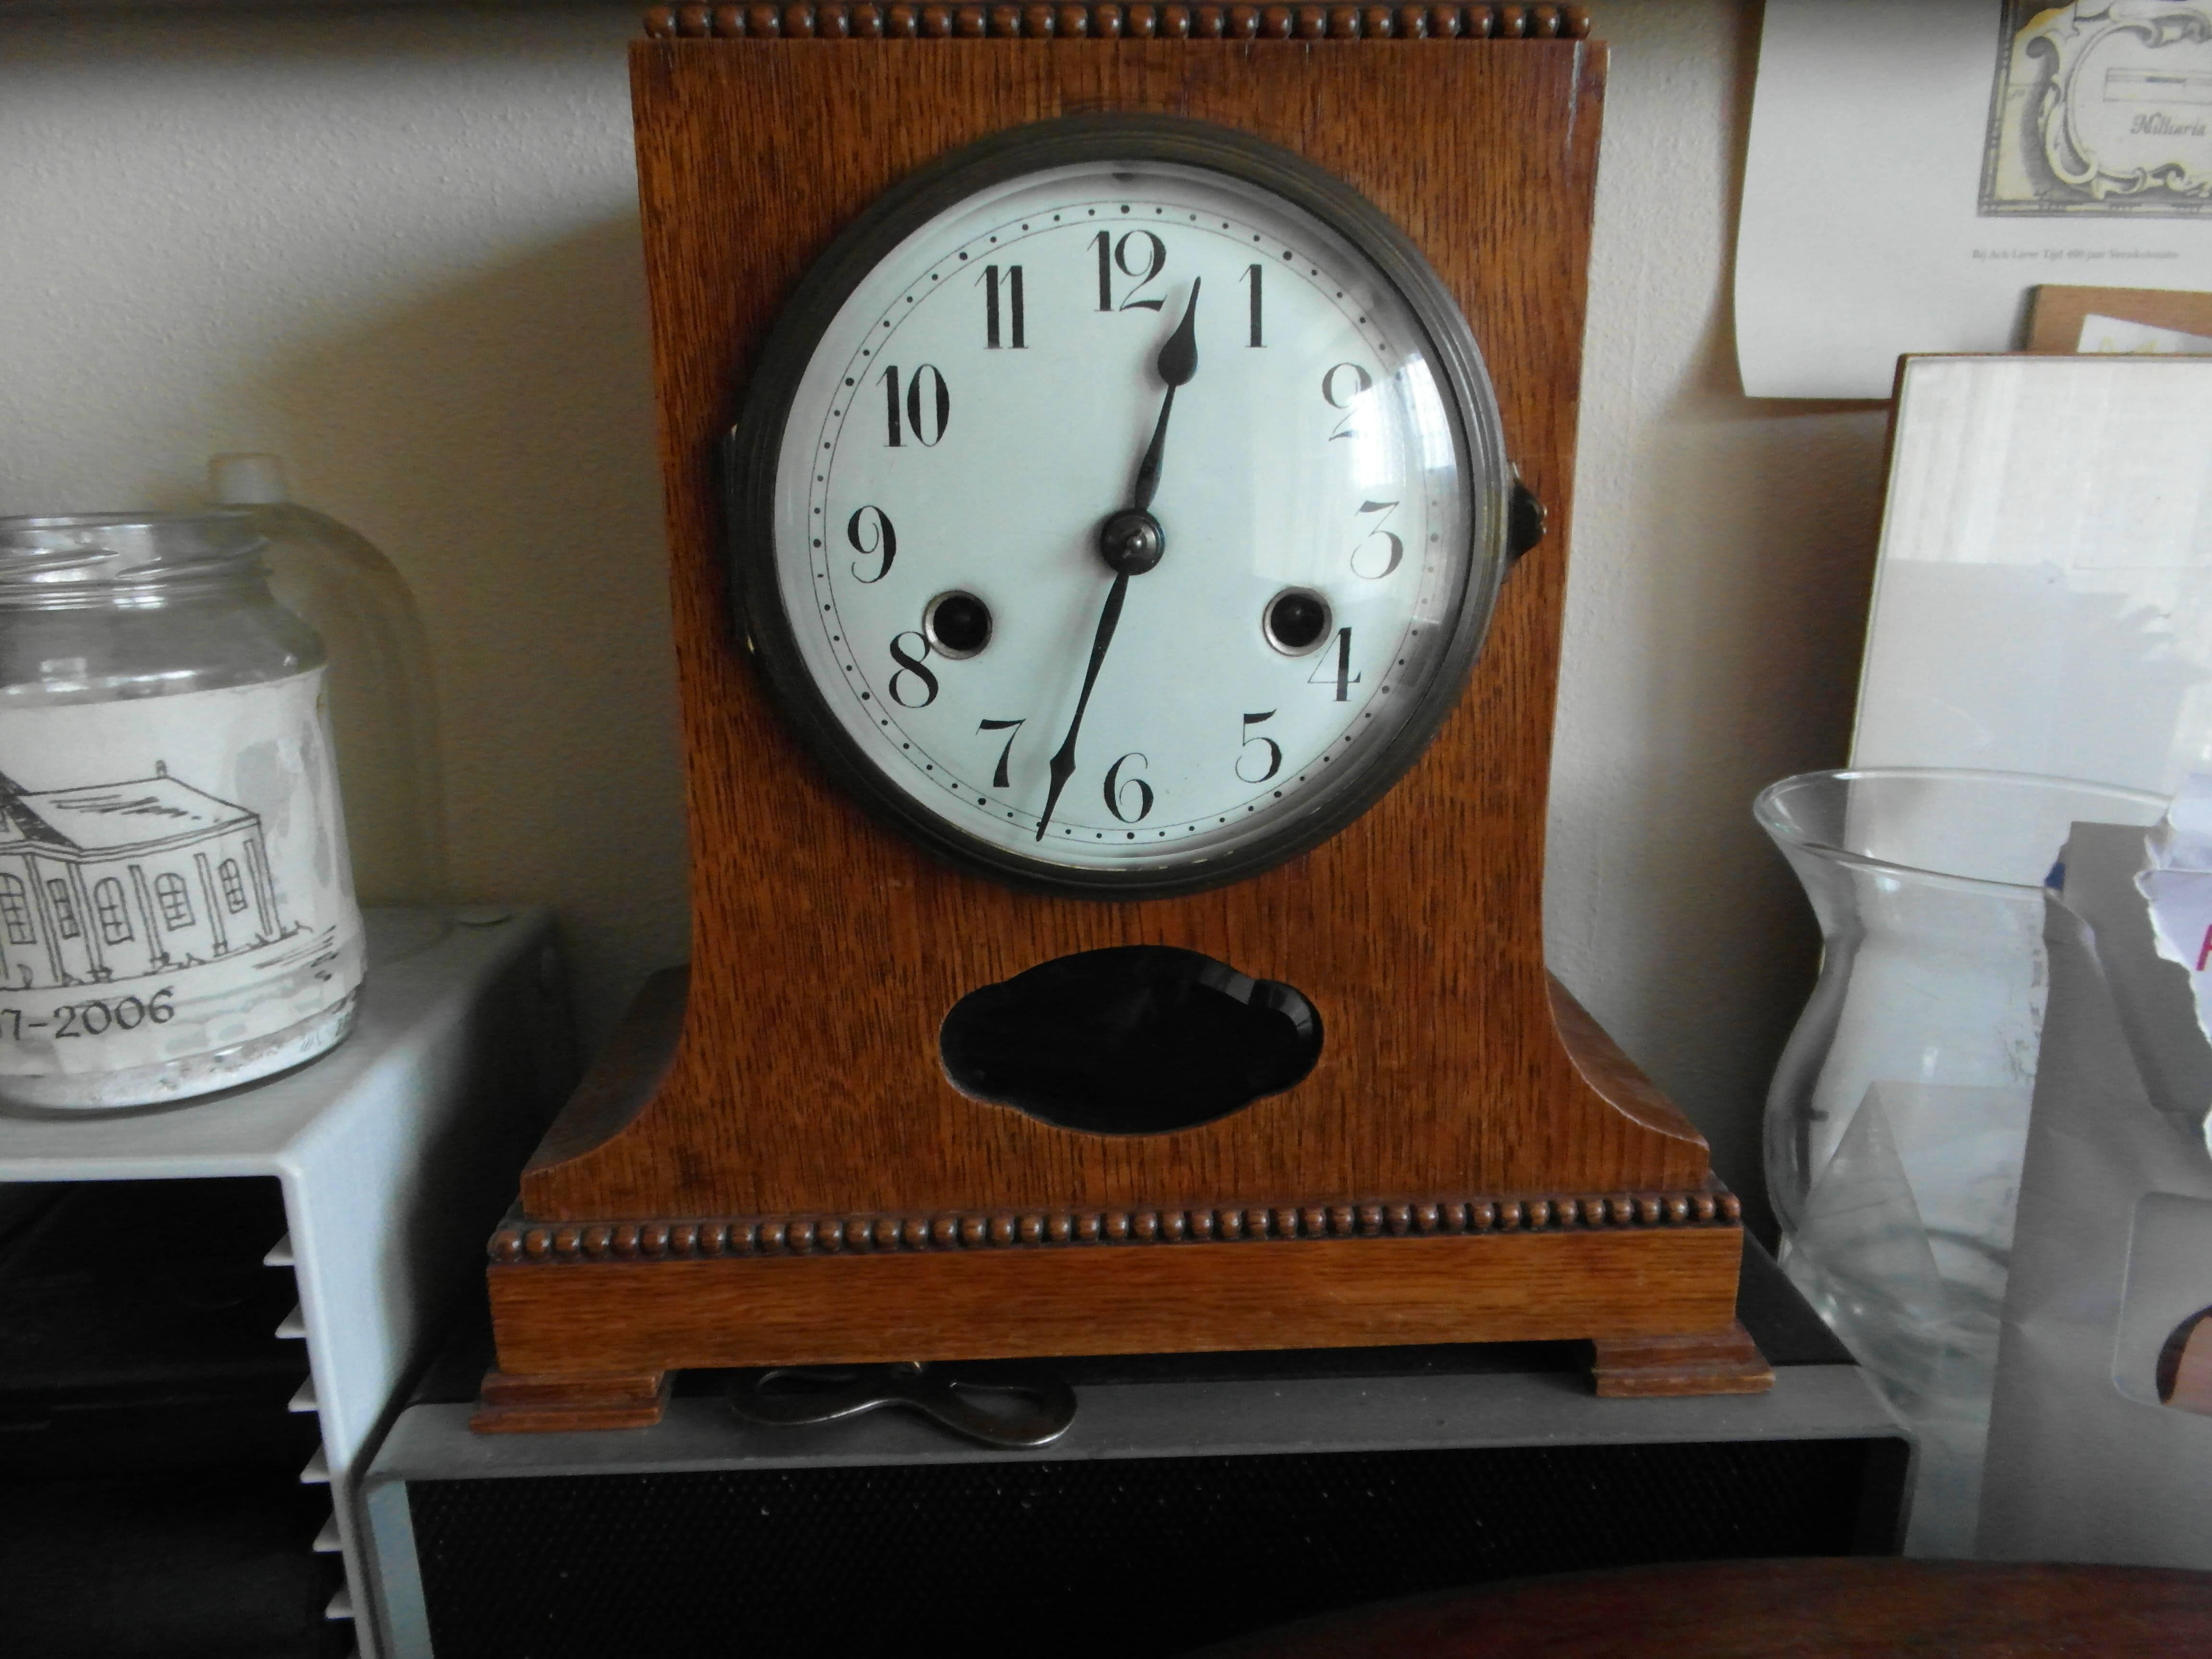 vooraanzicht van houten pendula klok met sierrand, witte wijzerplaat en zwarte cijfers.